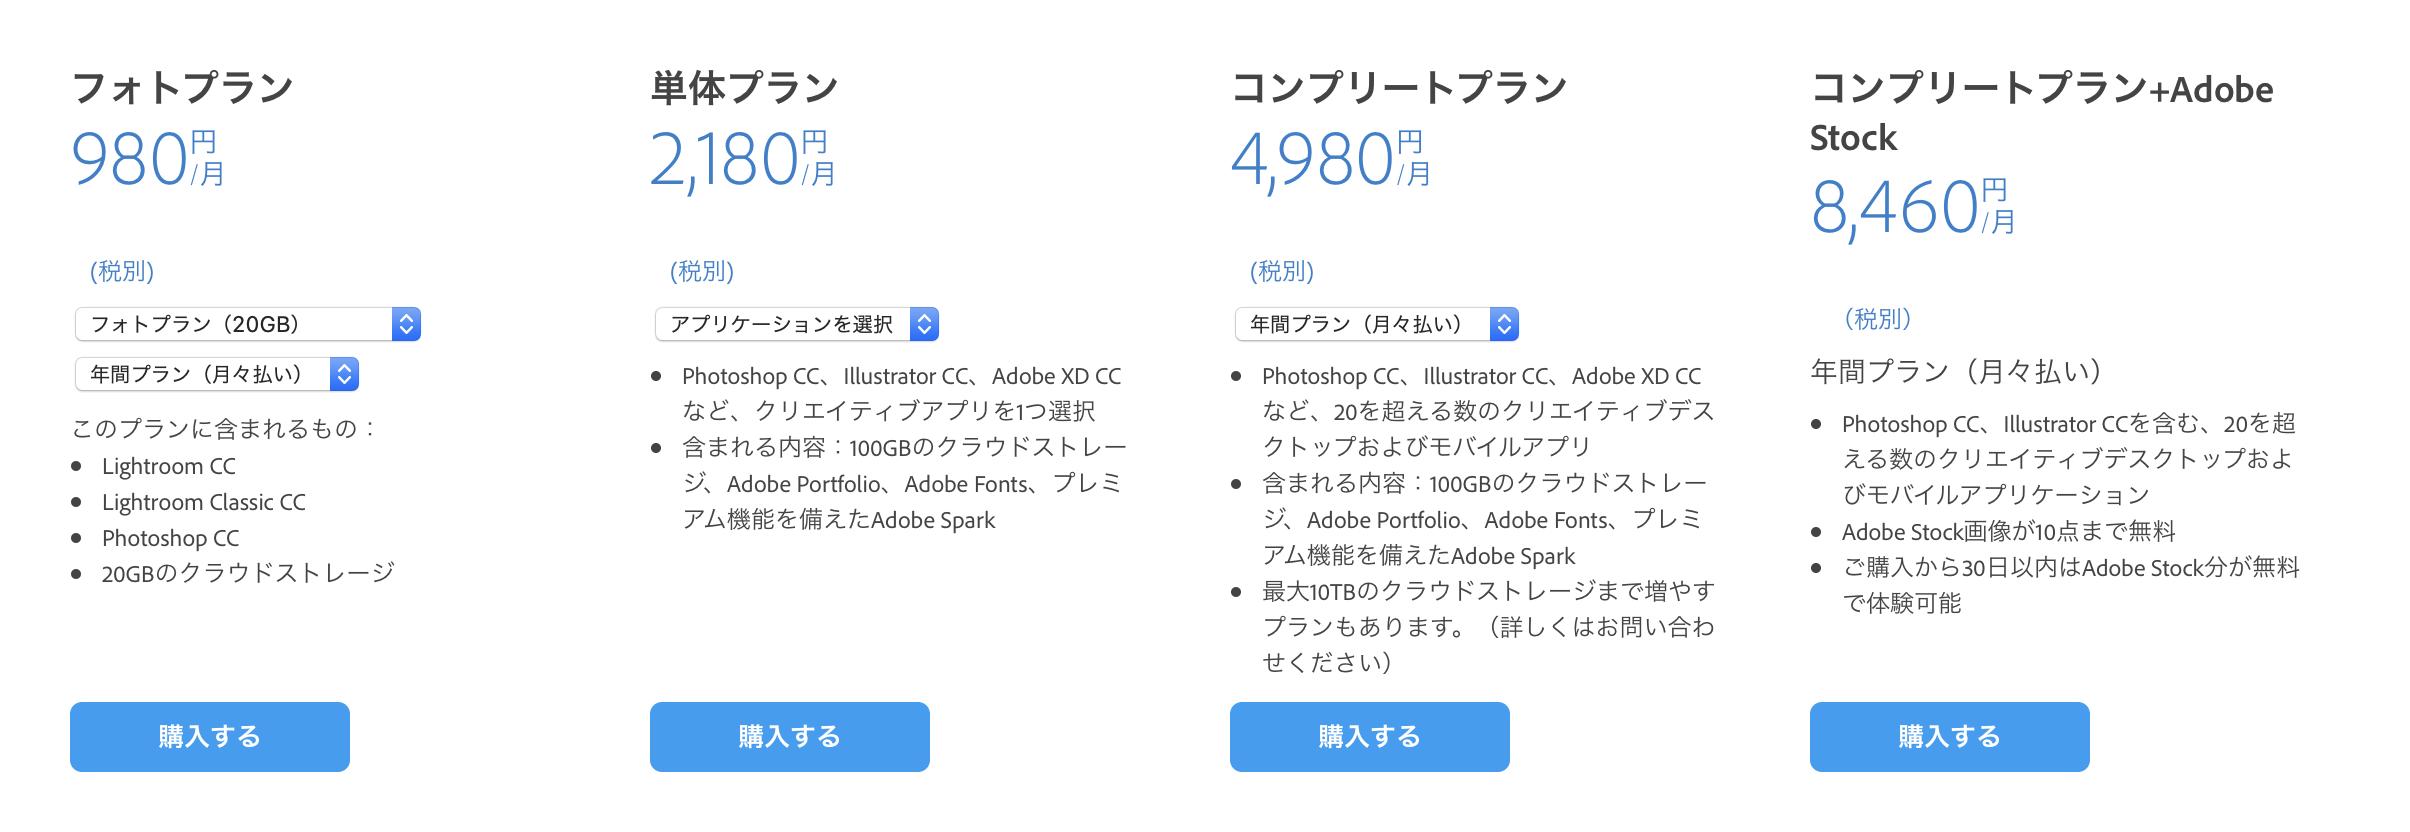 Adobe(アドビー) 2月12日 値上げ